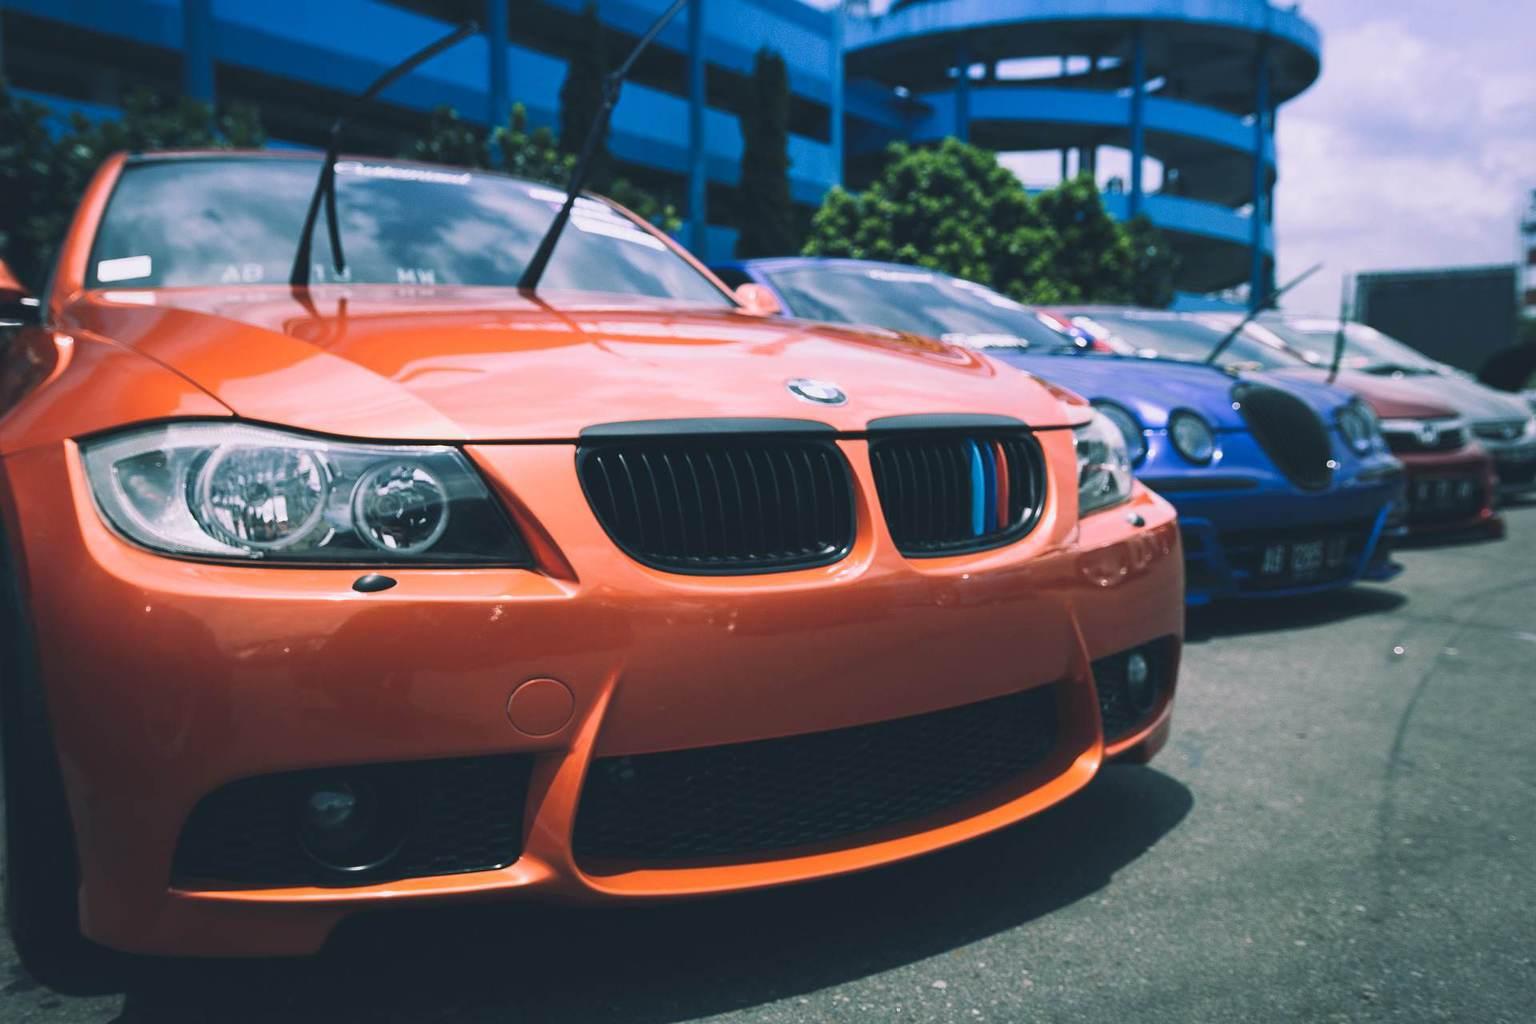 Właściciele BMW płacą za OC najwięcej. Porównanie cen ubezpieczenia dla najpopularniejszych marek